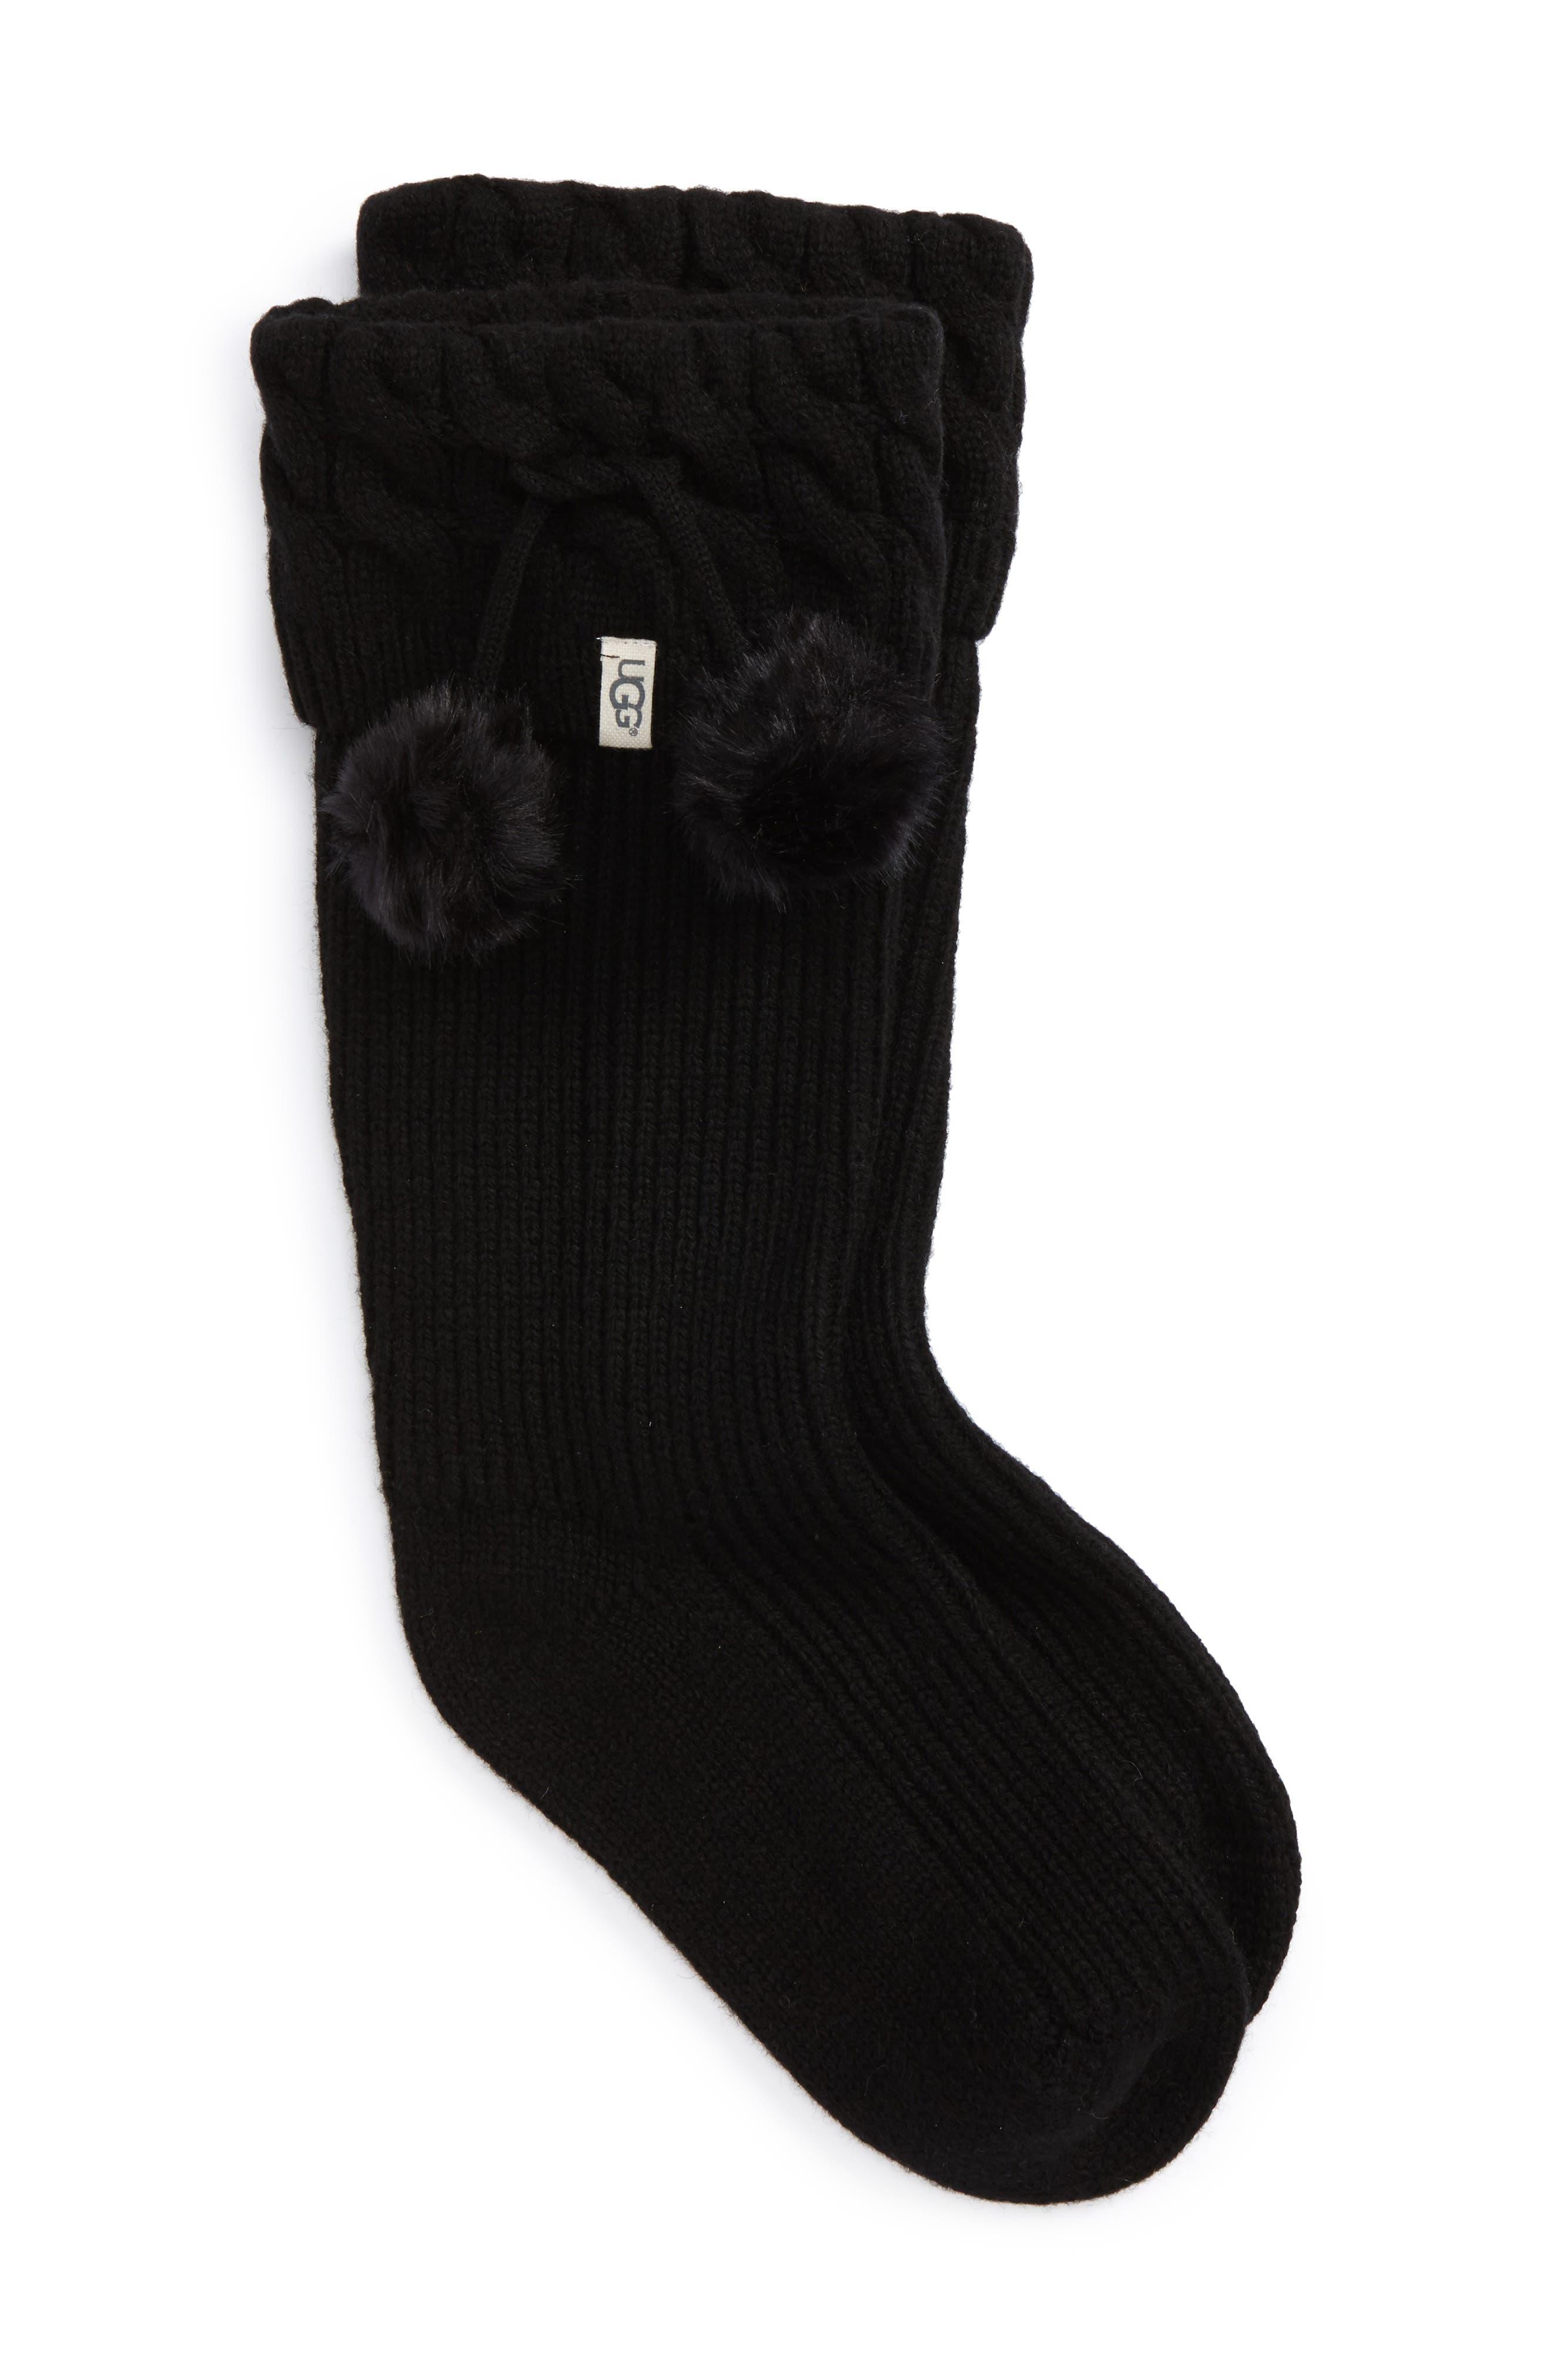 UGG UGGpure<sup>™</sup> Pompom Tall Rain Boot Sock,                         Main,                         color, BLACK WOOL